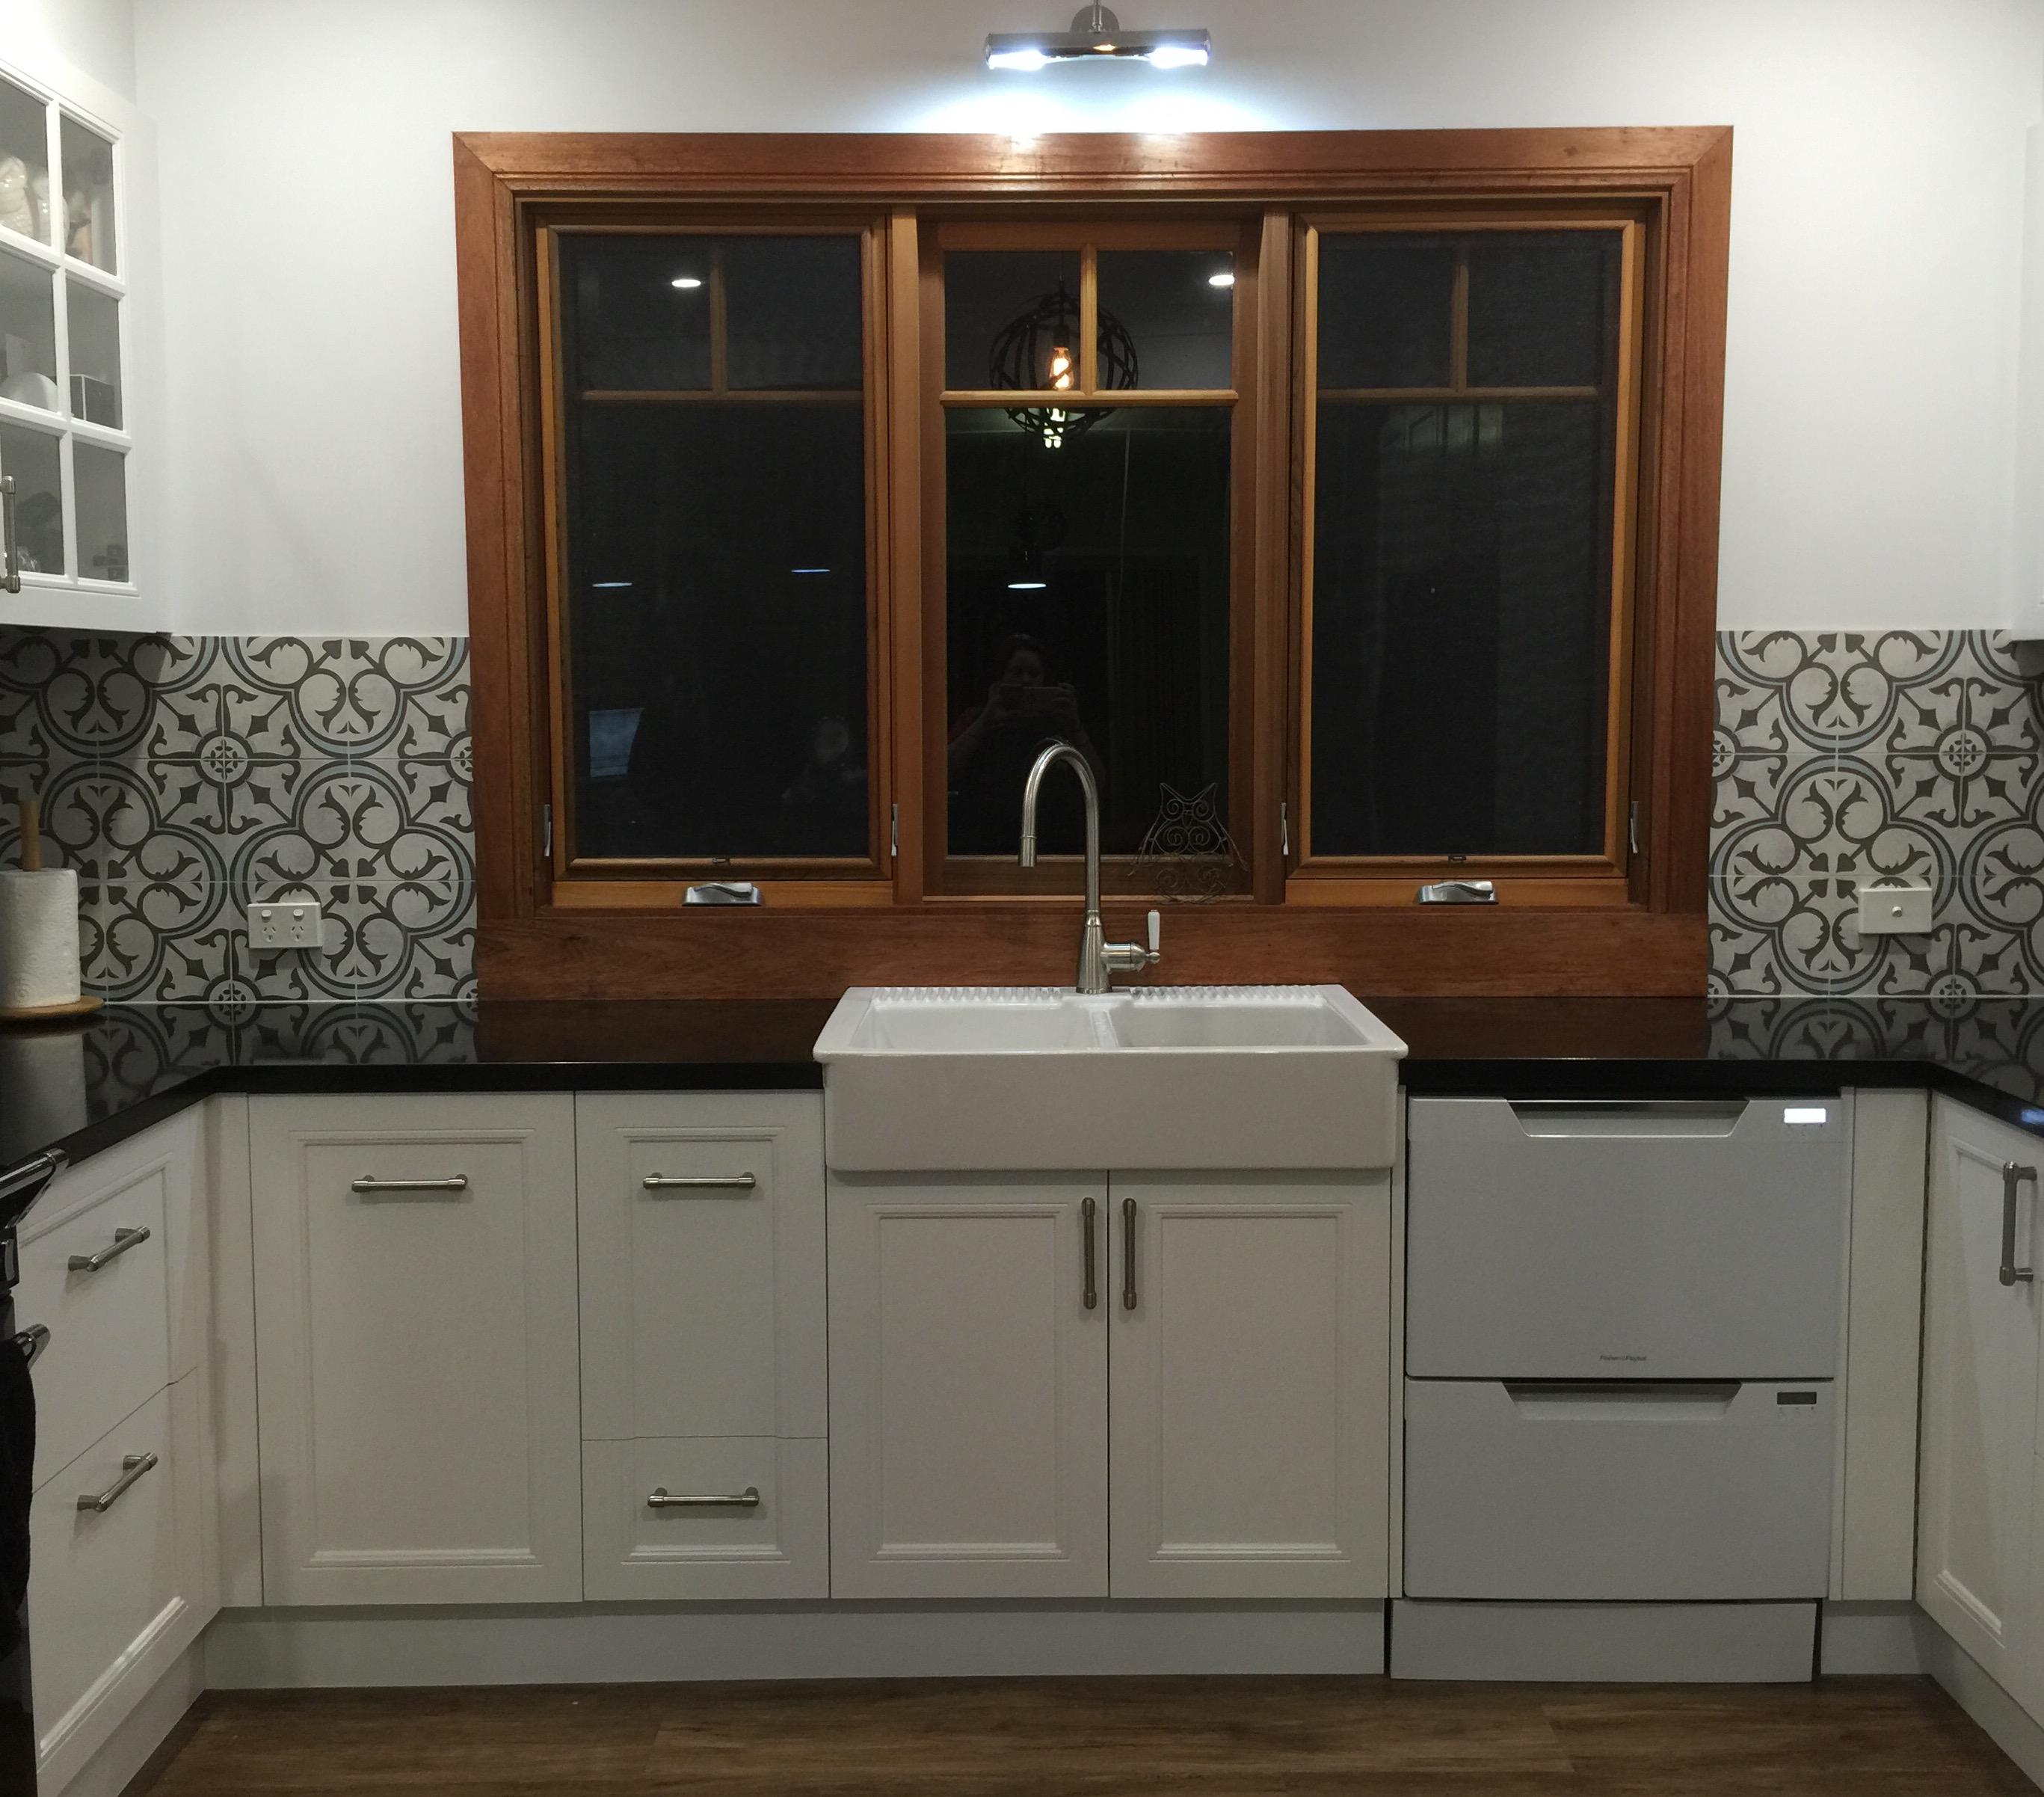 Cameron Kitchen Window